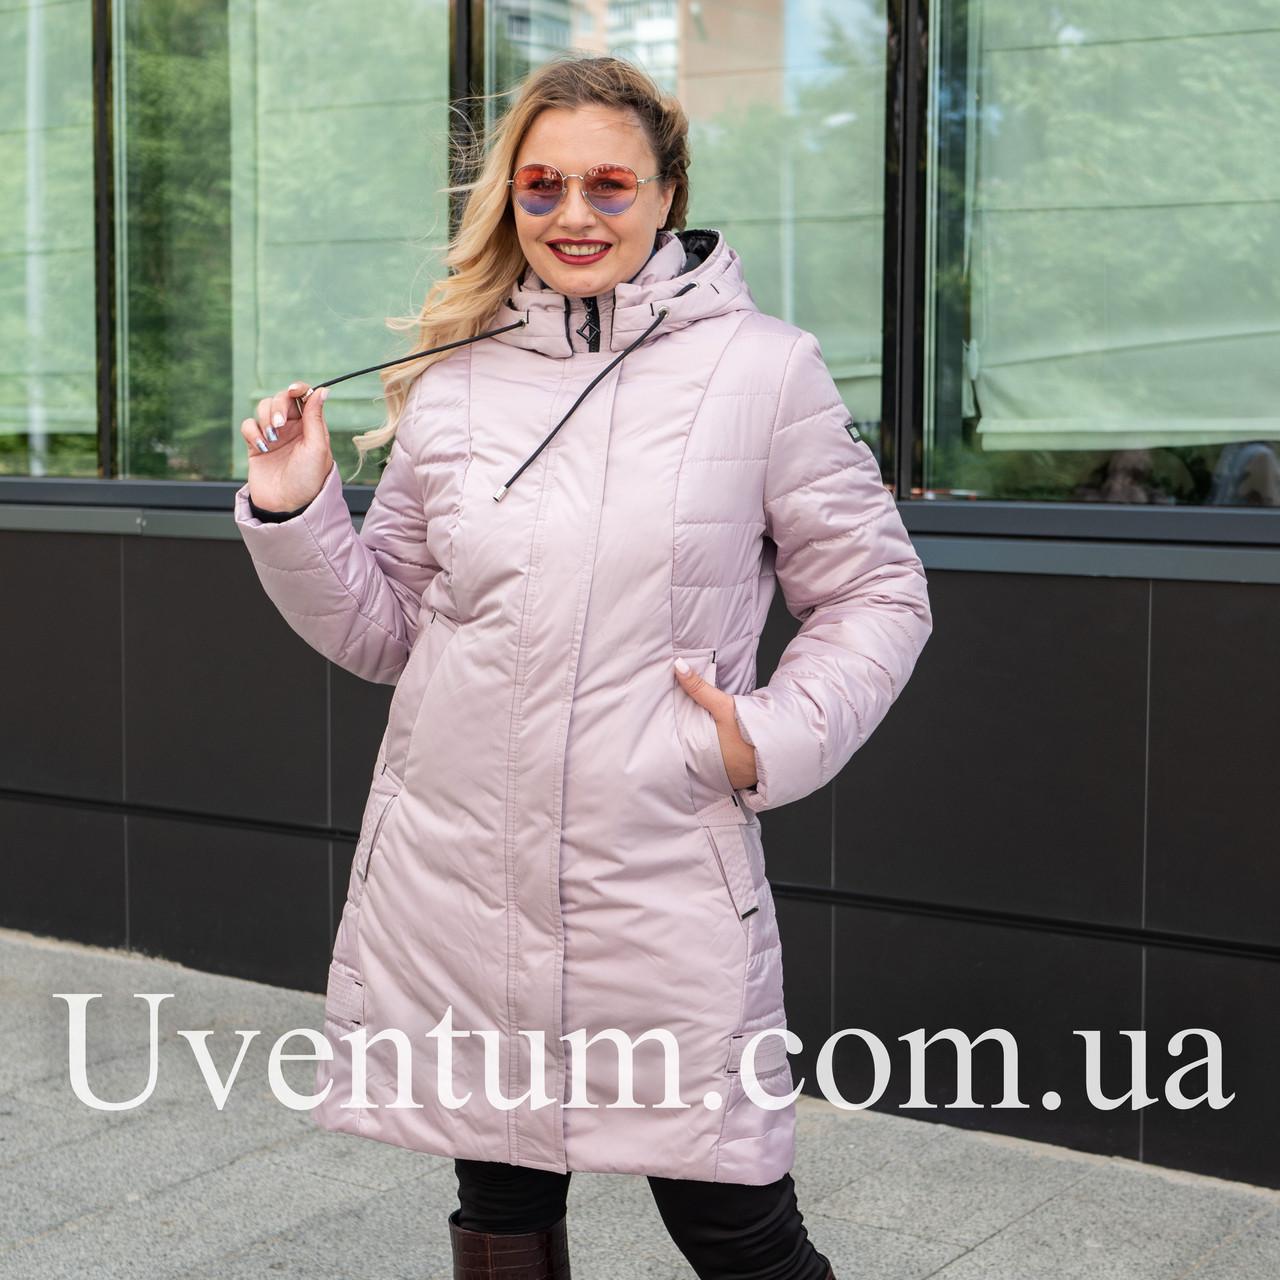 Удлиненная куртка женская демисезонная большого размера    50-62 пудра